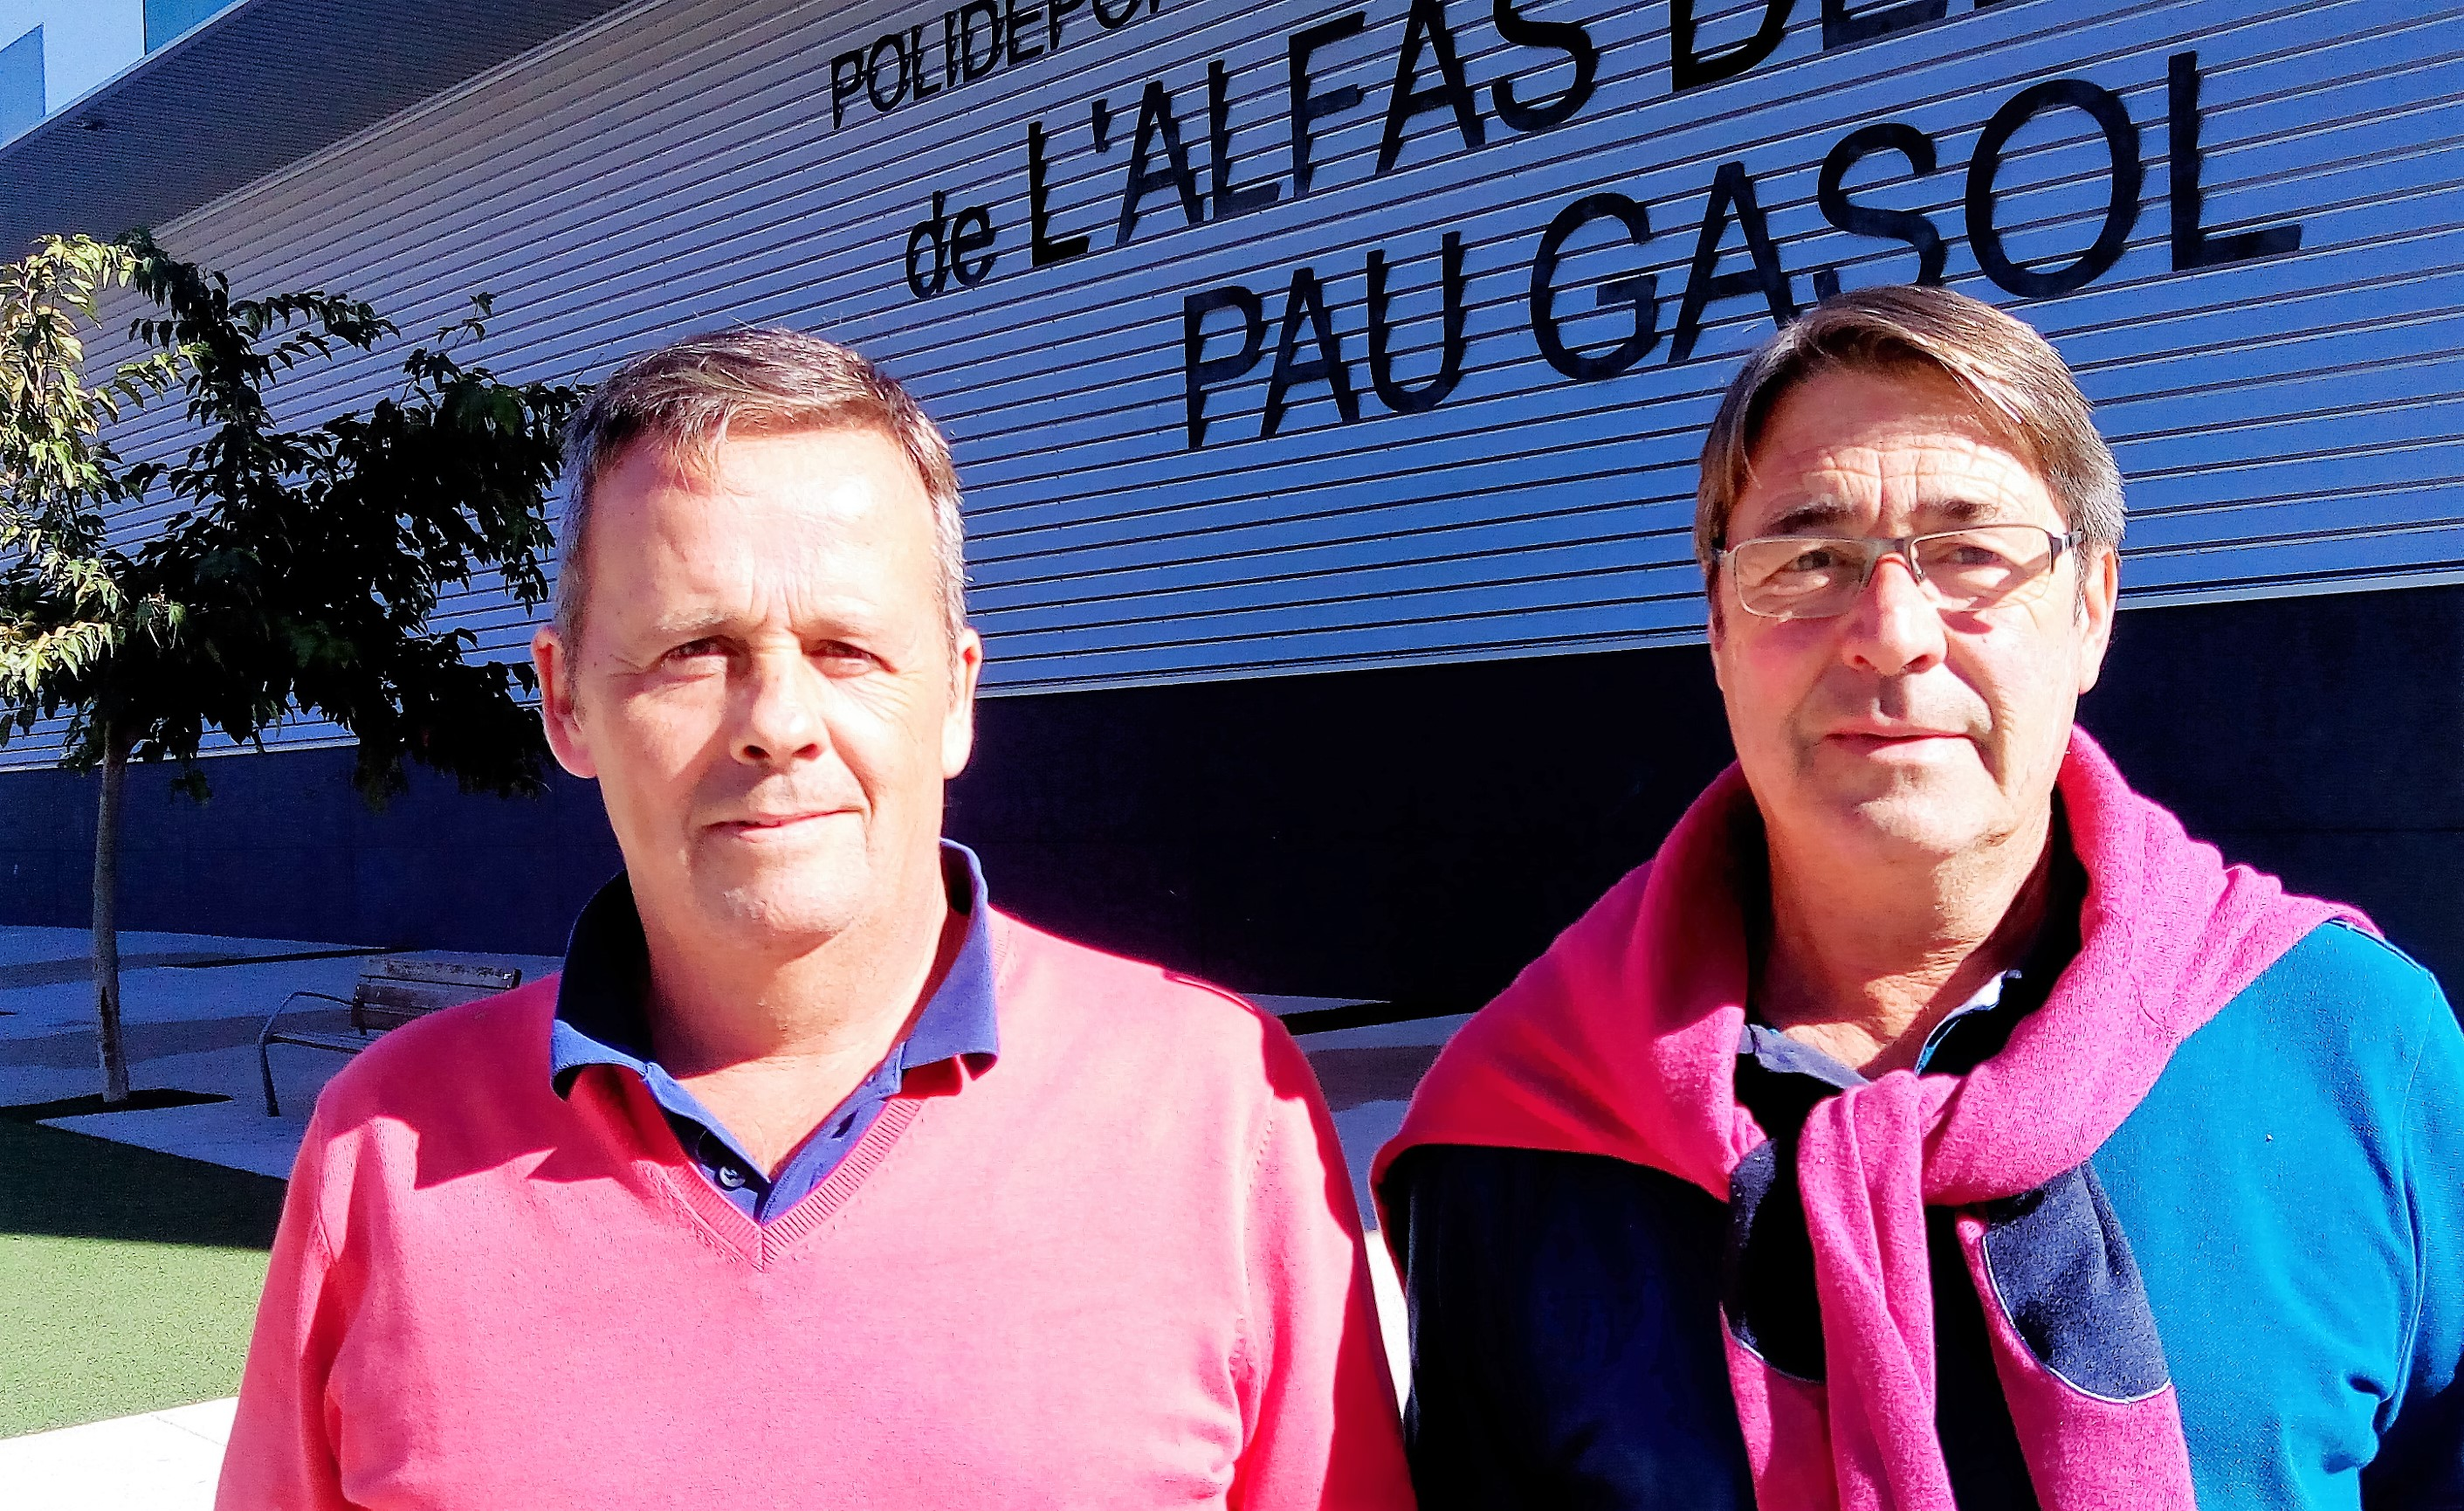 Raúl Vago y Alfonso Echevarría disputarán la Final Mundial de Parejas Amateur de Golf 2017 en el Algarve Portugal.